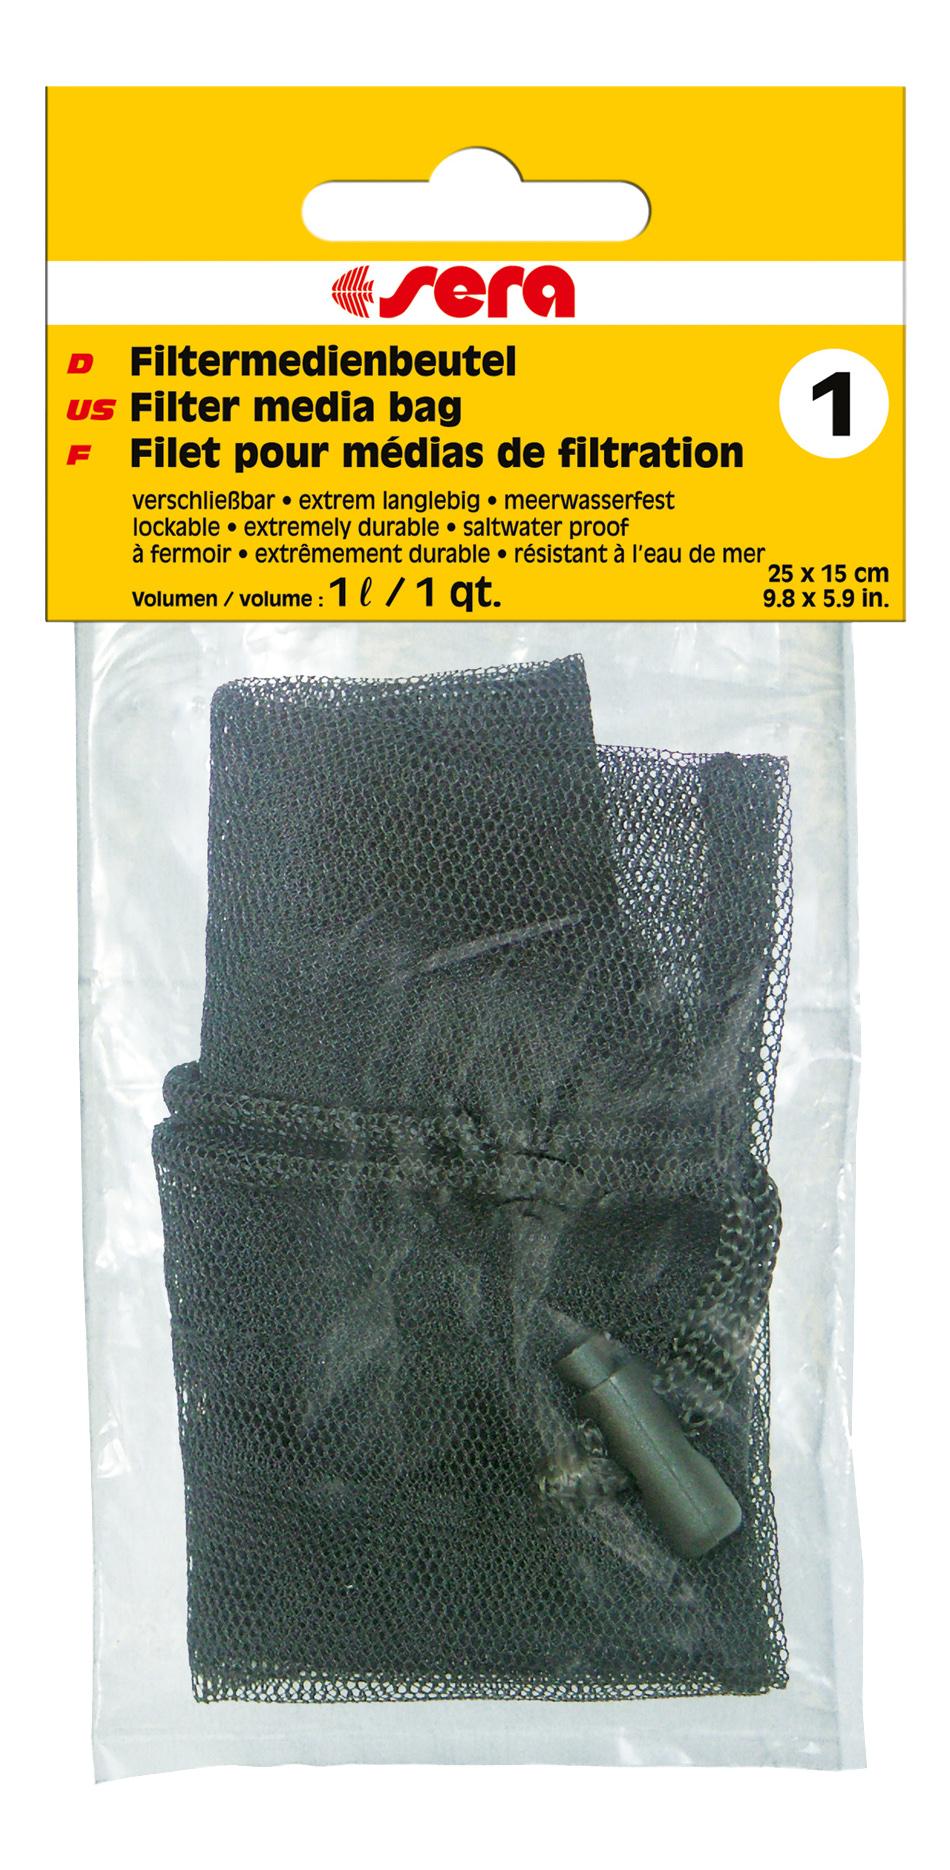 Мешок для фильтрующих материалов Sera №1 для фильтров,